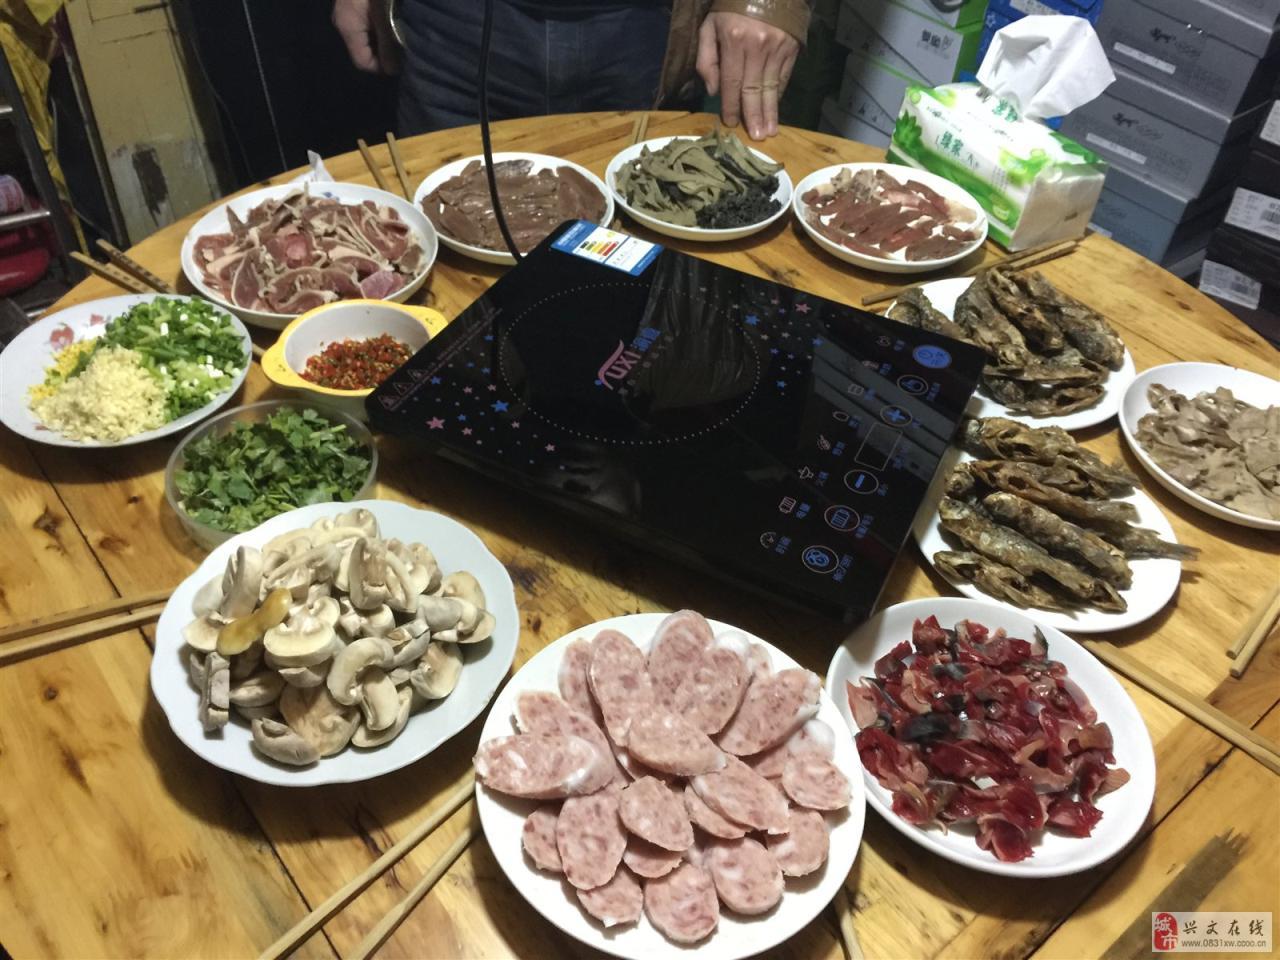 外地美食爱上兴文美食_美食街_兴文v美食网友湖北洪湖市图片